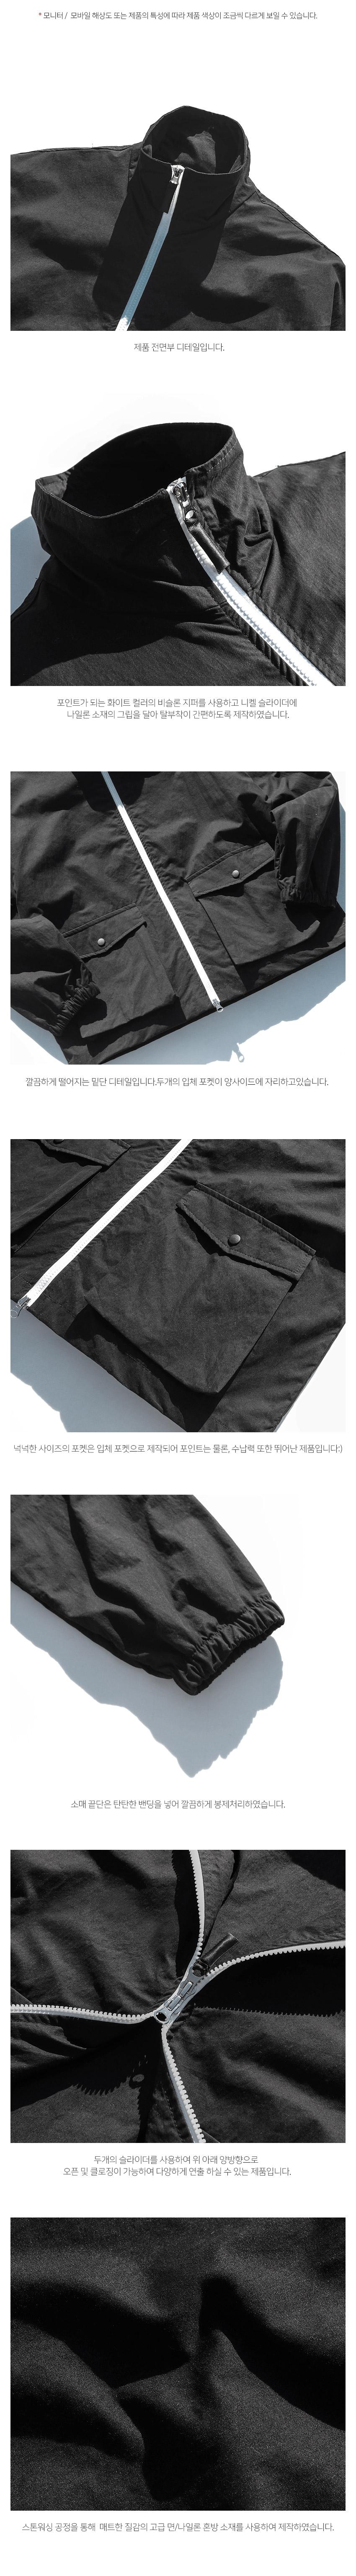 5_KHOT1212_detail_black_02_sr.jpg